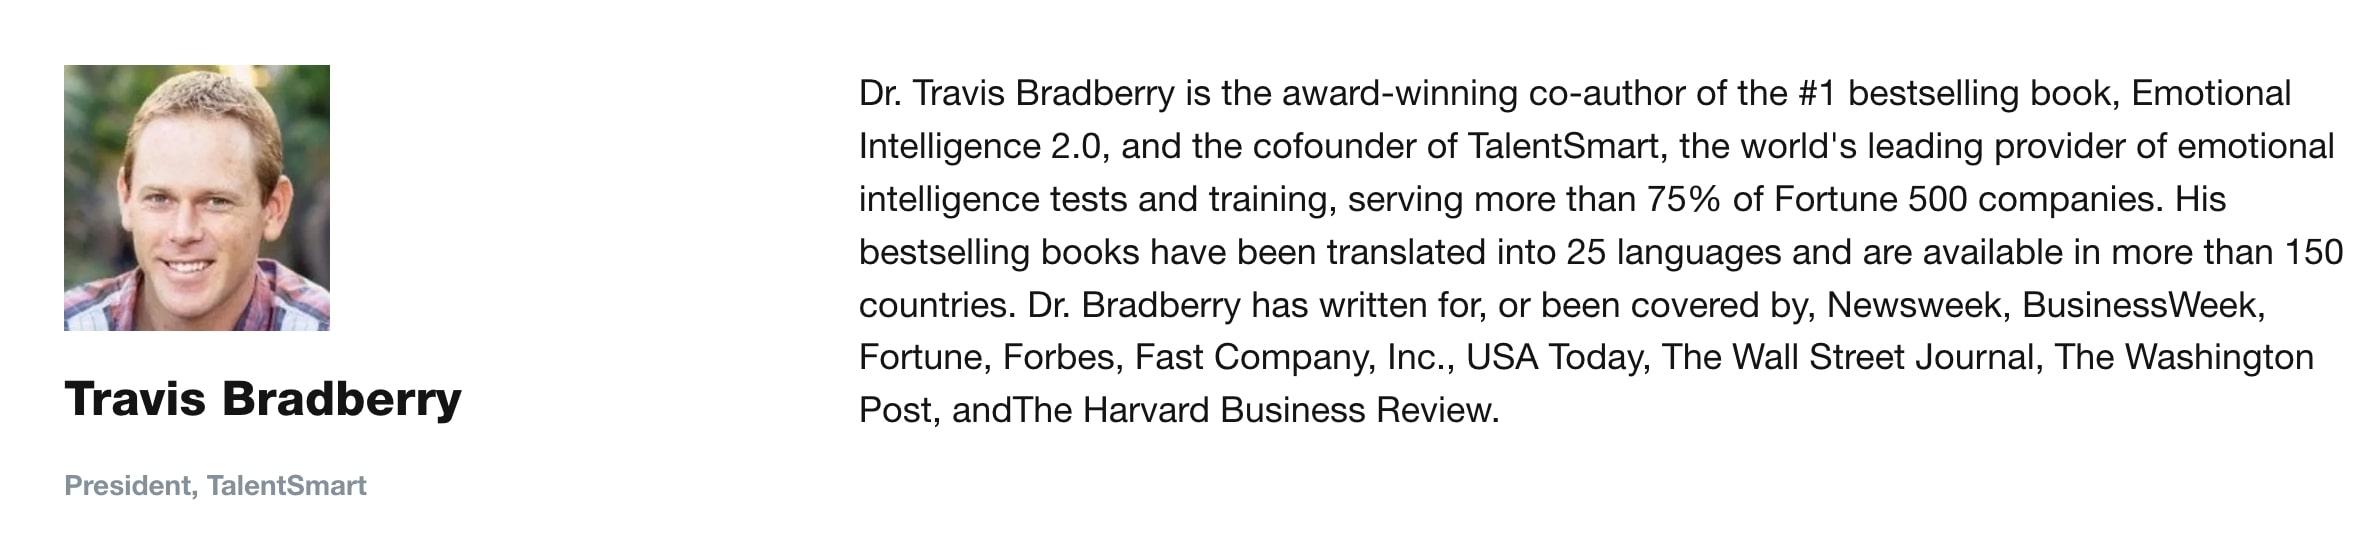 Dr.Travis